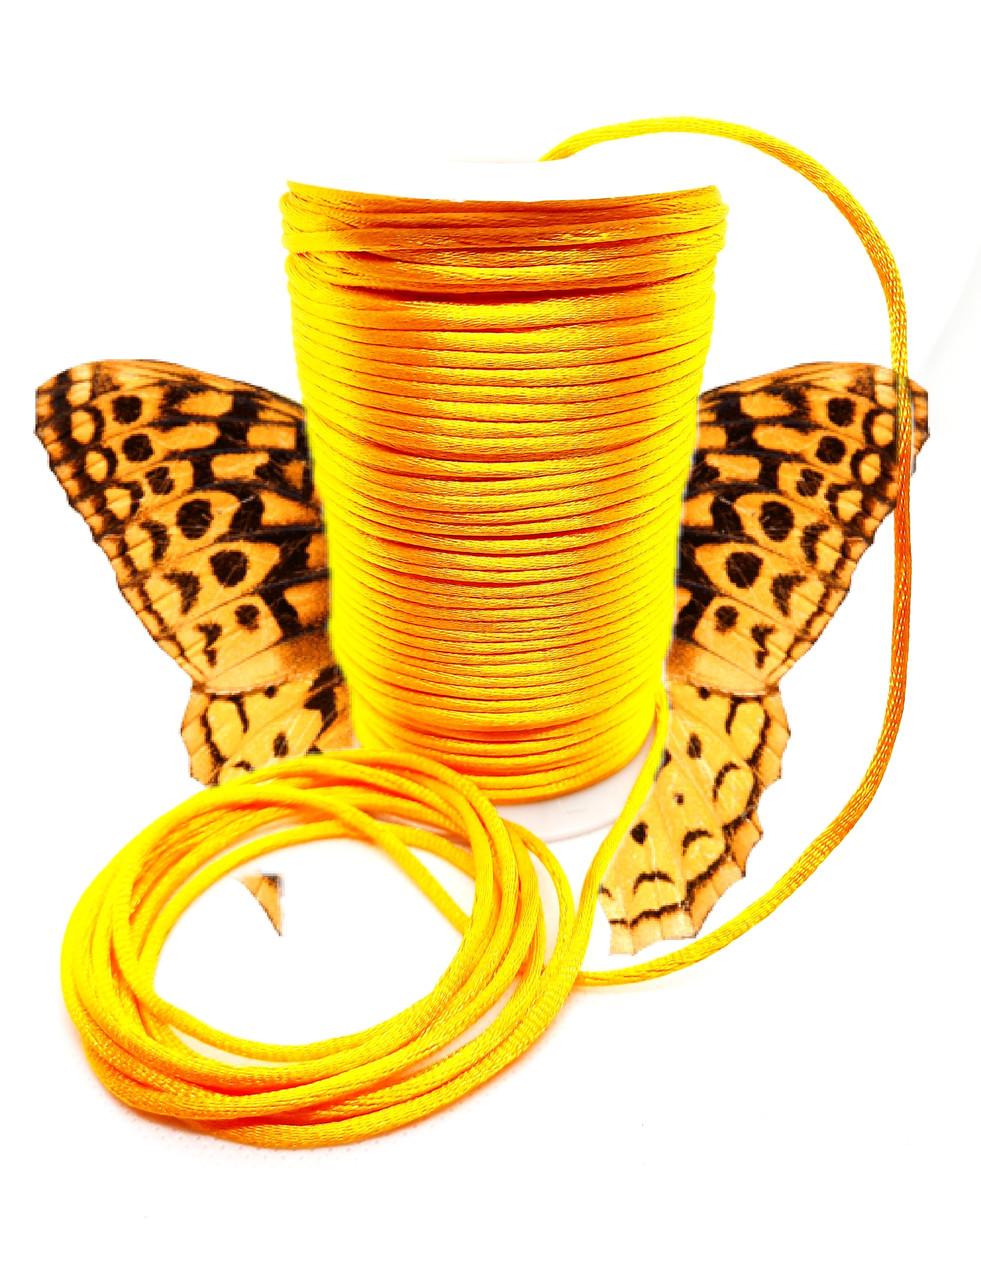 Шнур (1м). Для браслетов жёлтый, атласный. Для любых браслетов, отлично заплавляется. Унисекс.